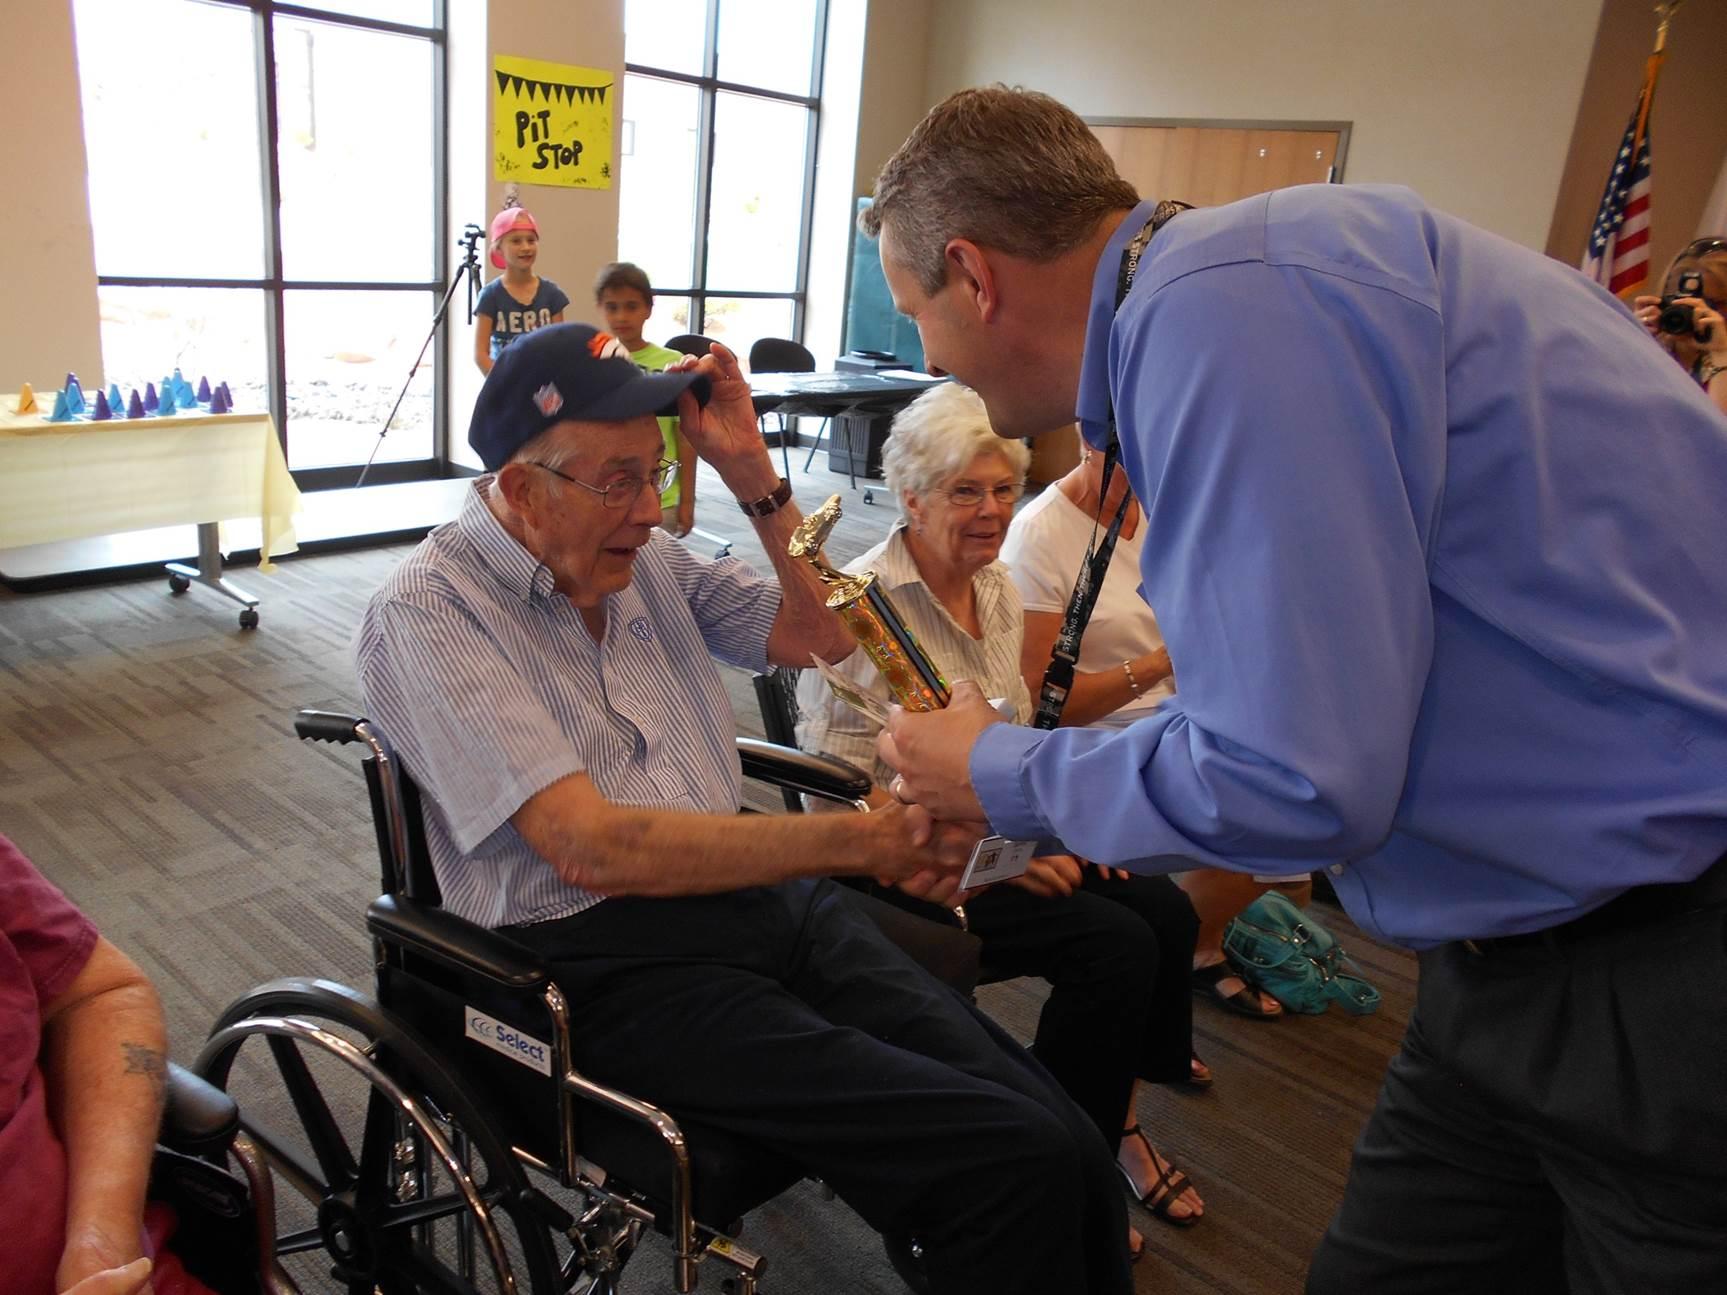 Al Giles awarded as winner of the Southern Utah Veterans Home Pinewood Derby, Ivins, Utah, circa April 2014 | Photo courtesy of Southern Utah Veterans Home, St. George News